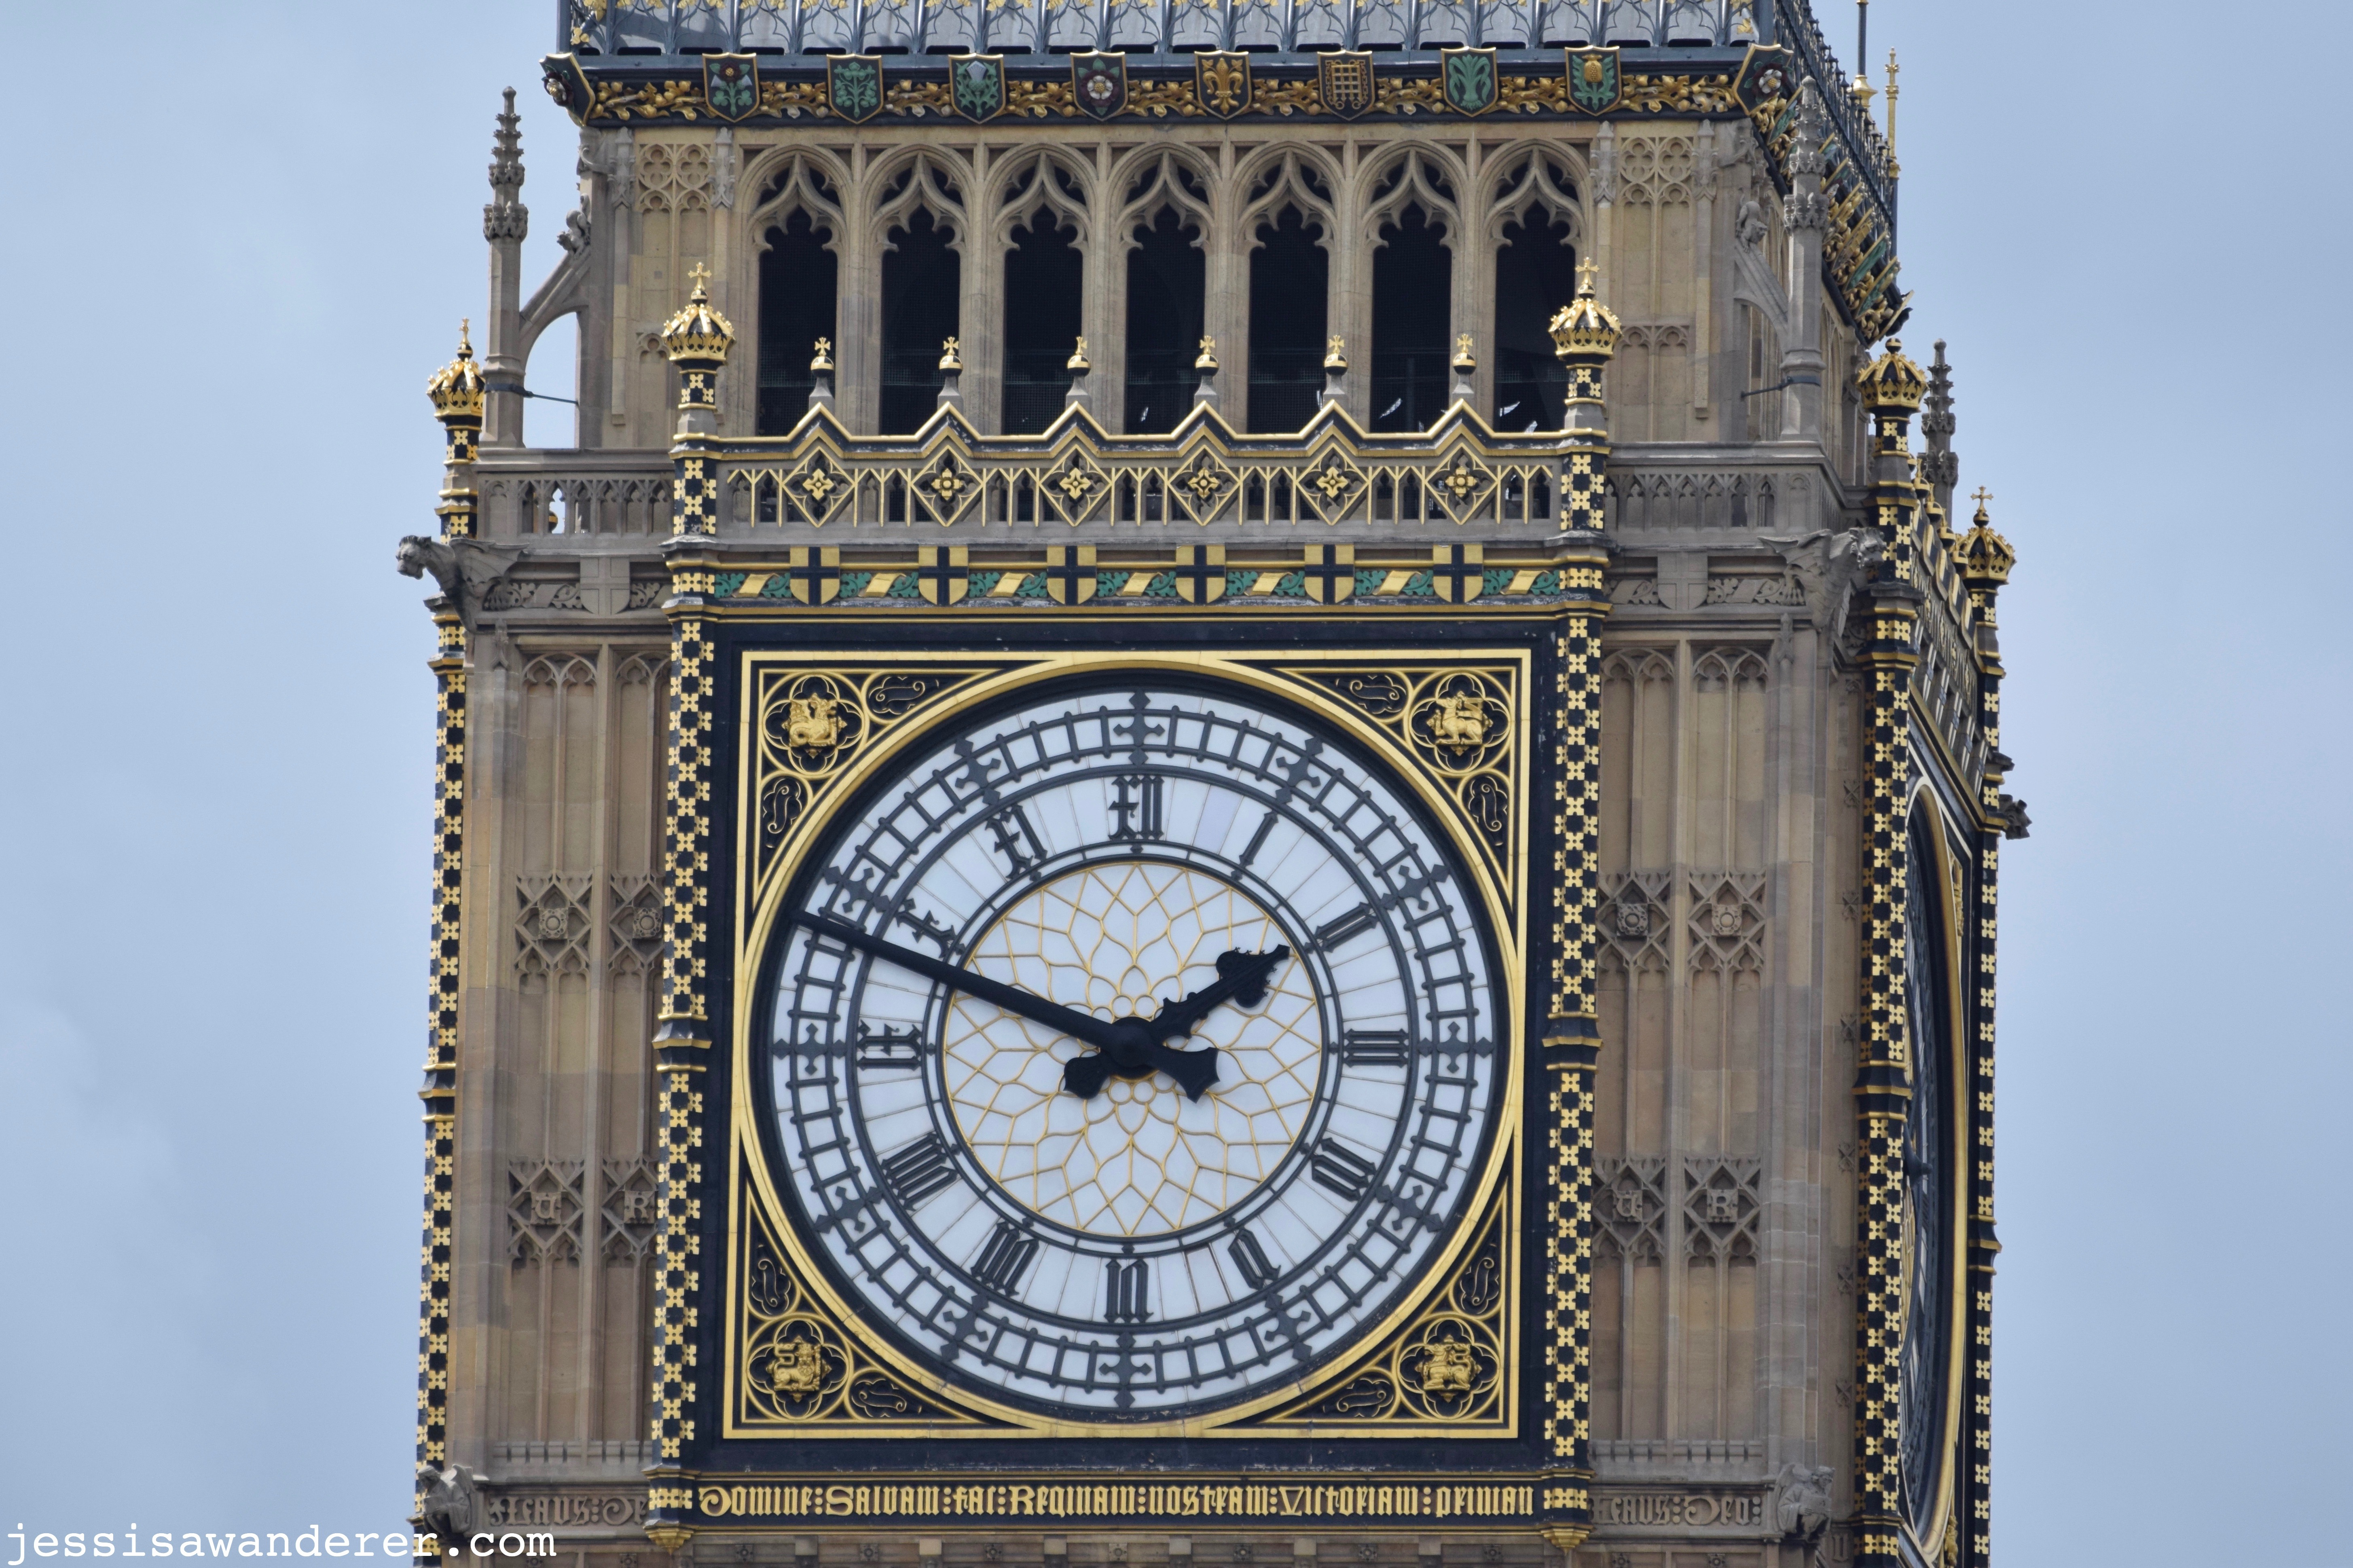 Such Detail on Big Ben